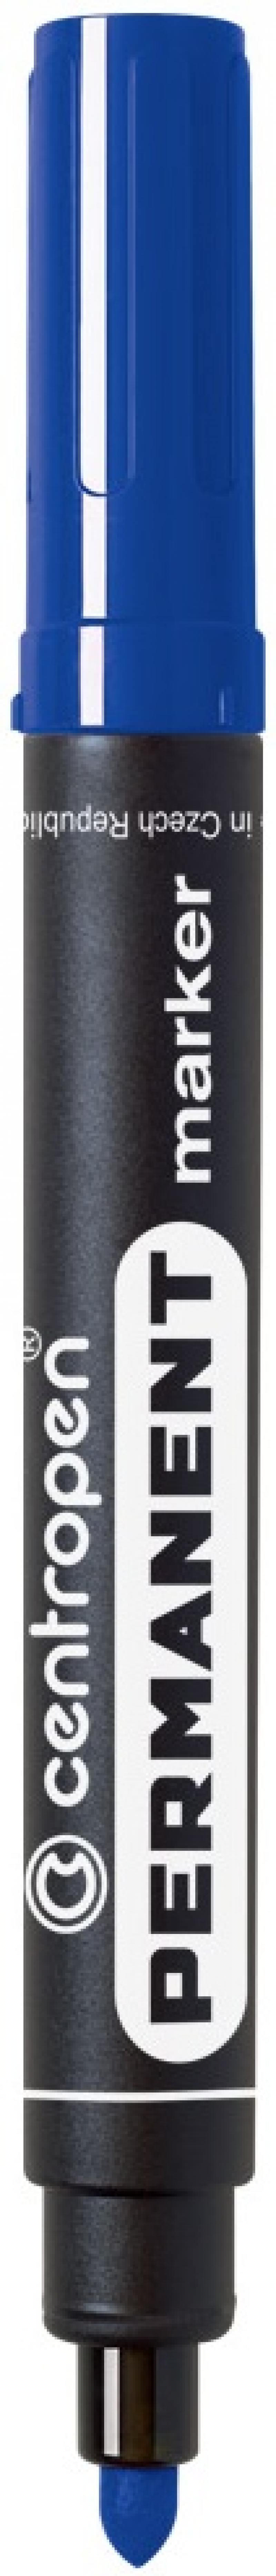 Маркер перманентный Centropen 8566/С 2.5 мм синий 8566/С маркер флуоресцентный centropen 8722 1о оранжевый 8722 1о